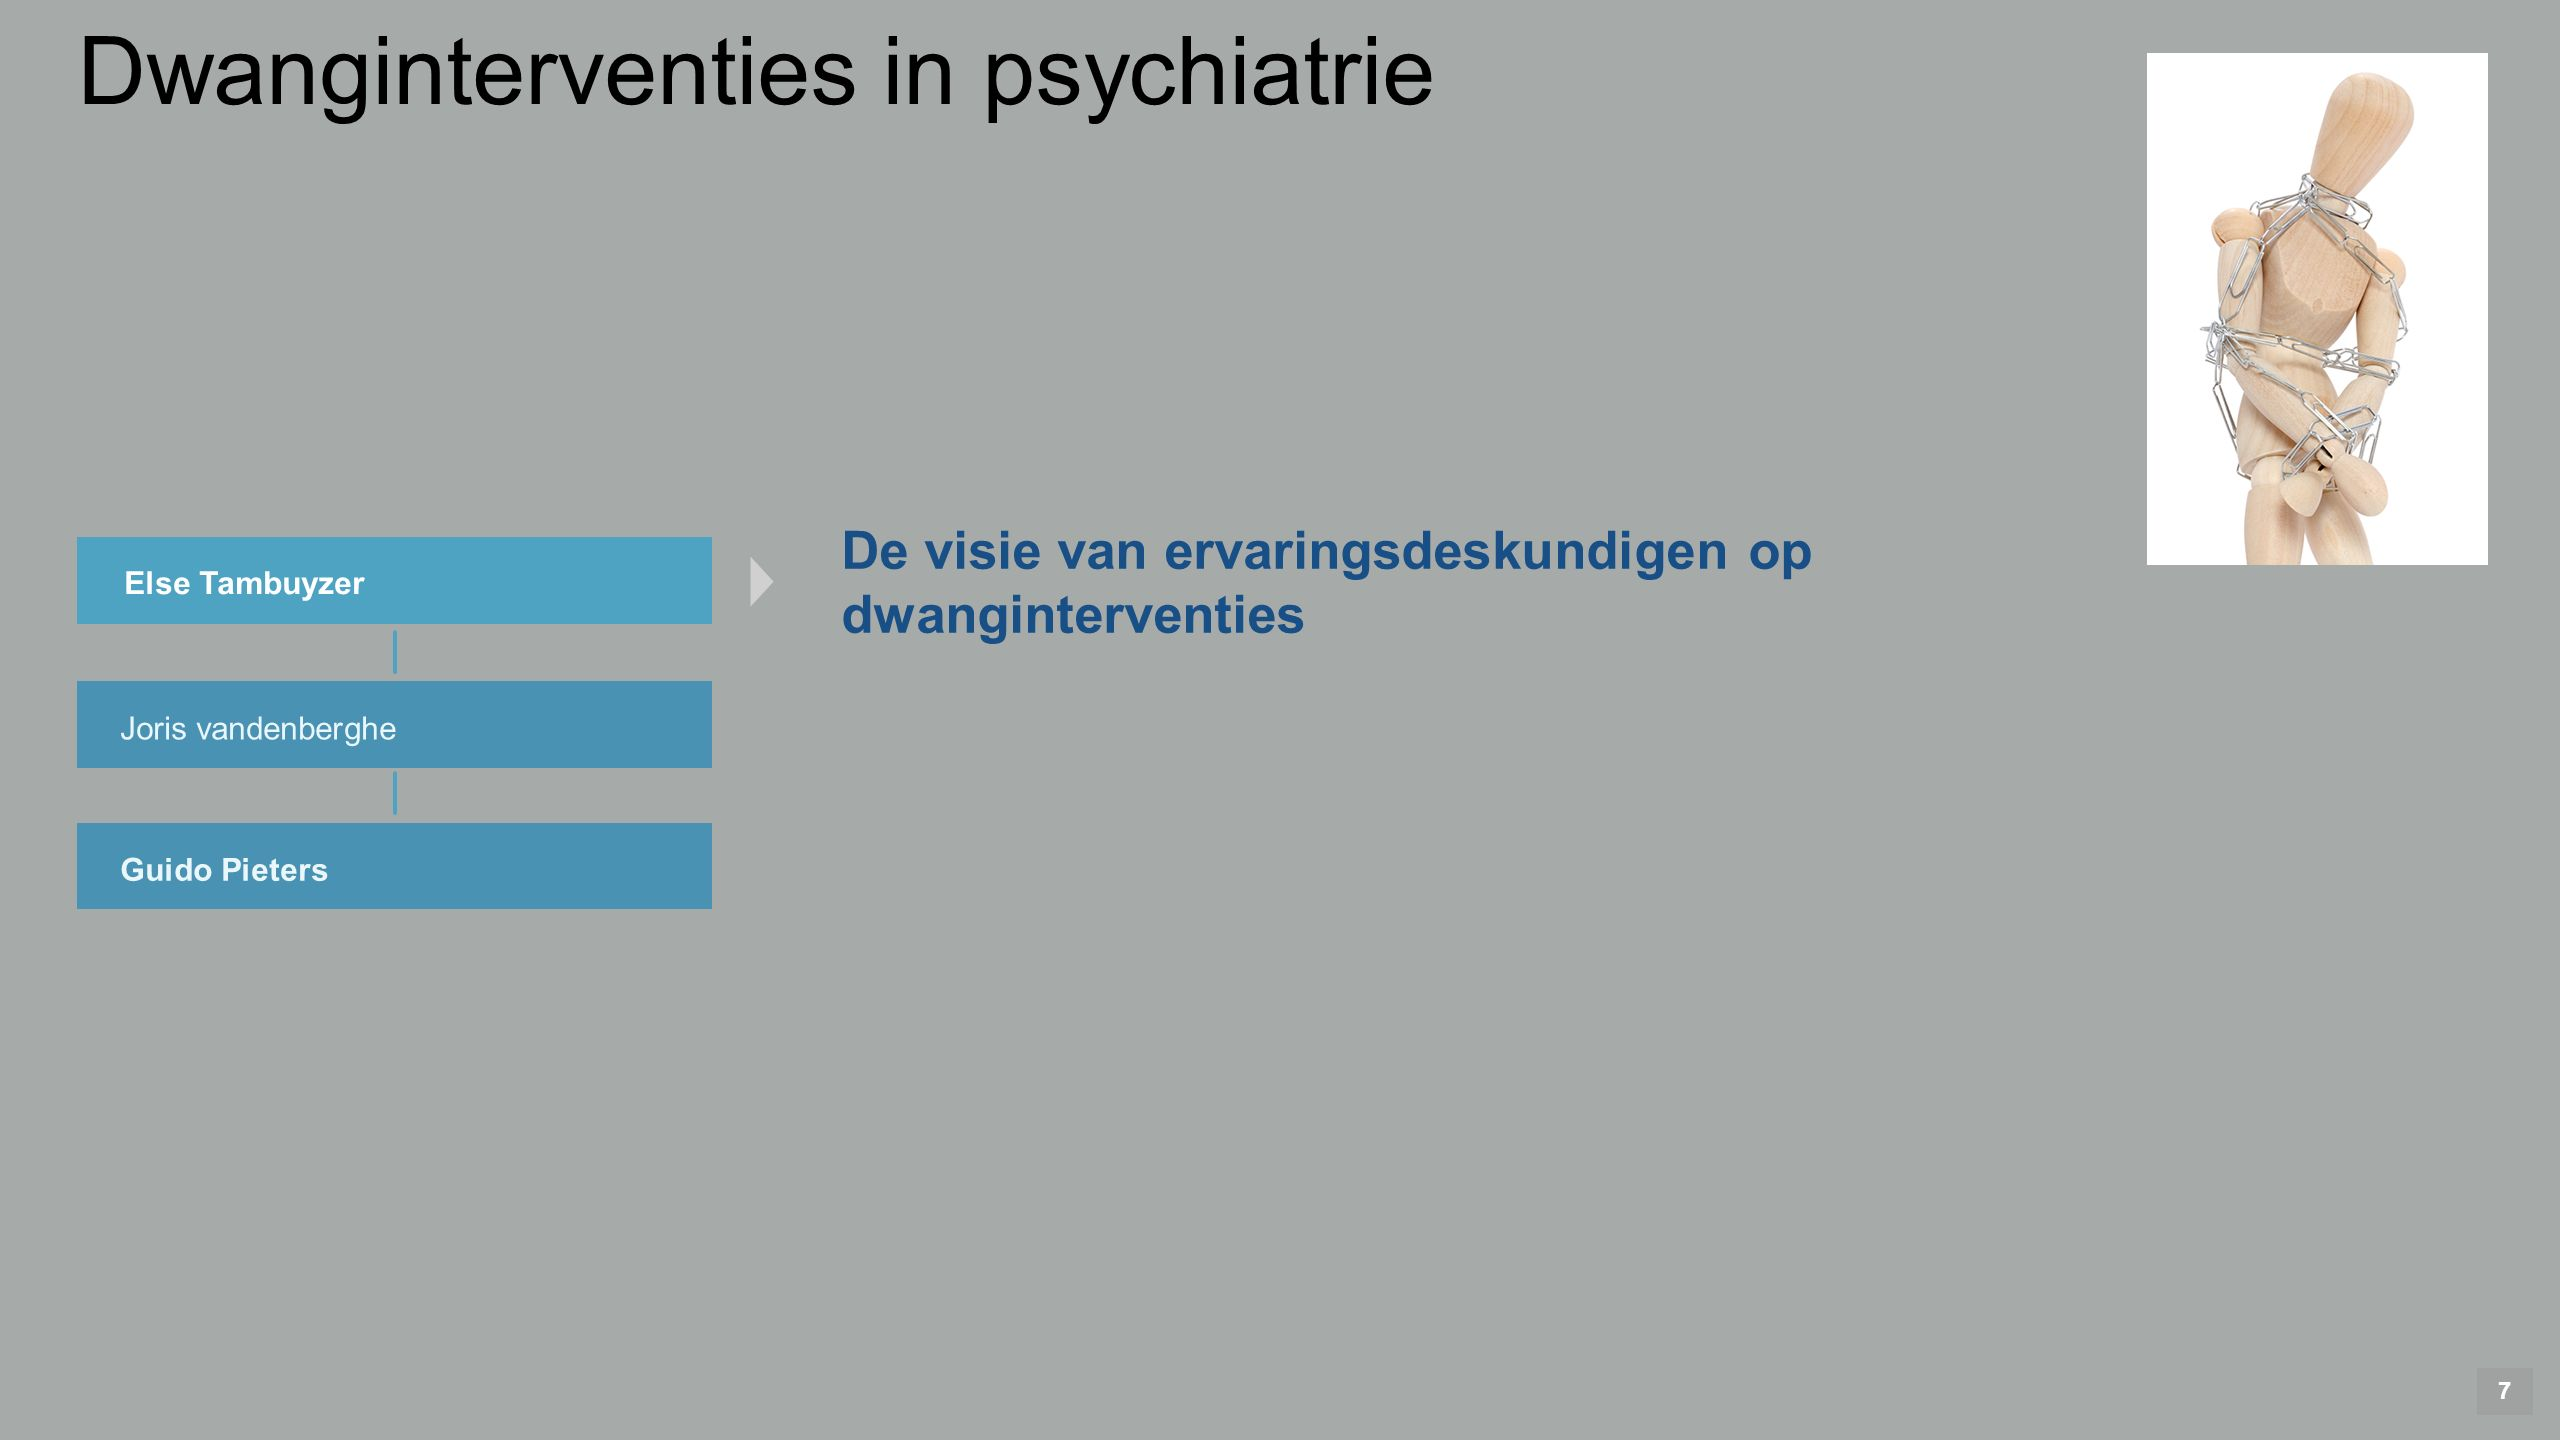 7 Else Tambuyzer Joris vandenberghe Guido Pieters De visie van ervaringsdeskundigen op dwanginterventies Dwanginterventies in psychiatrie